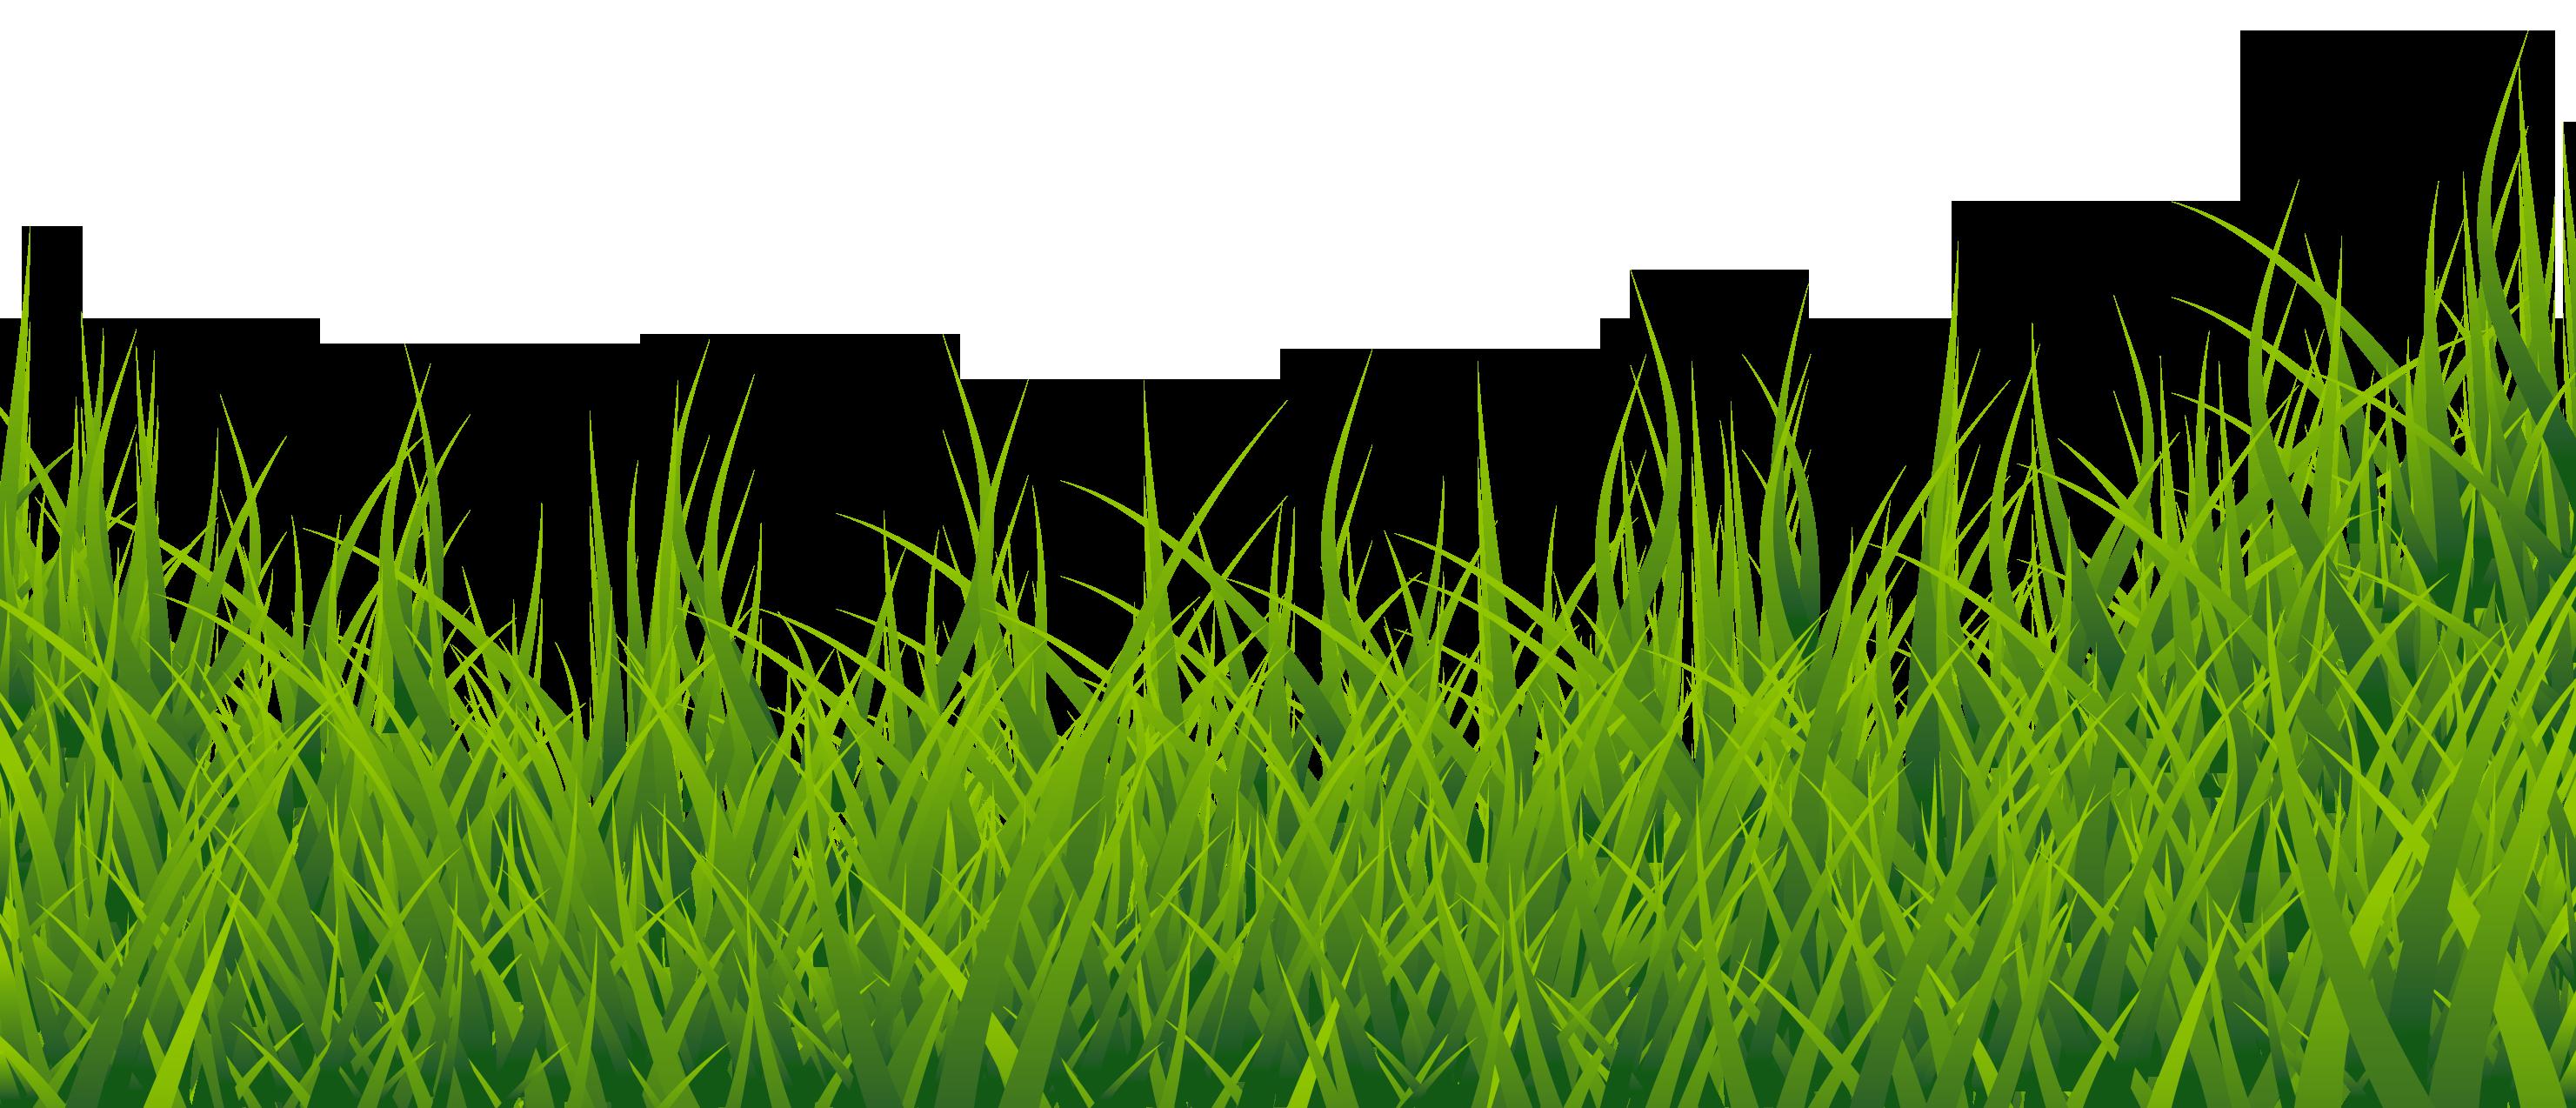 Grass Clipart-Grass clipart-11